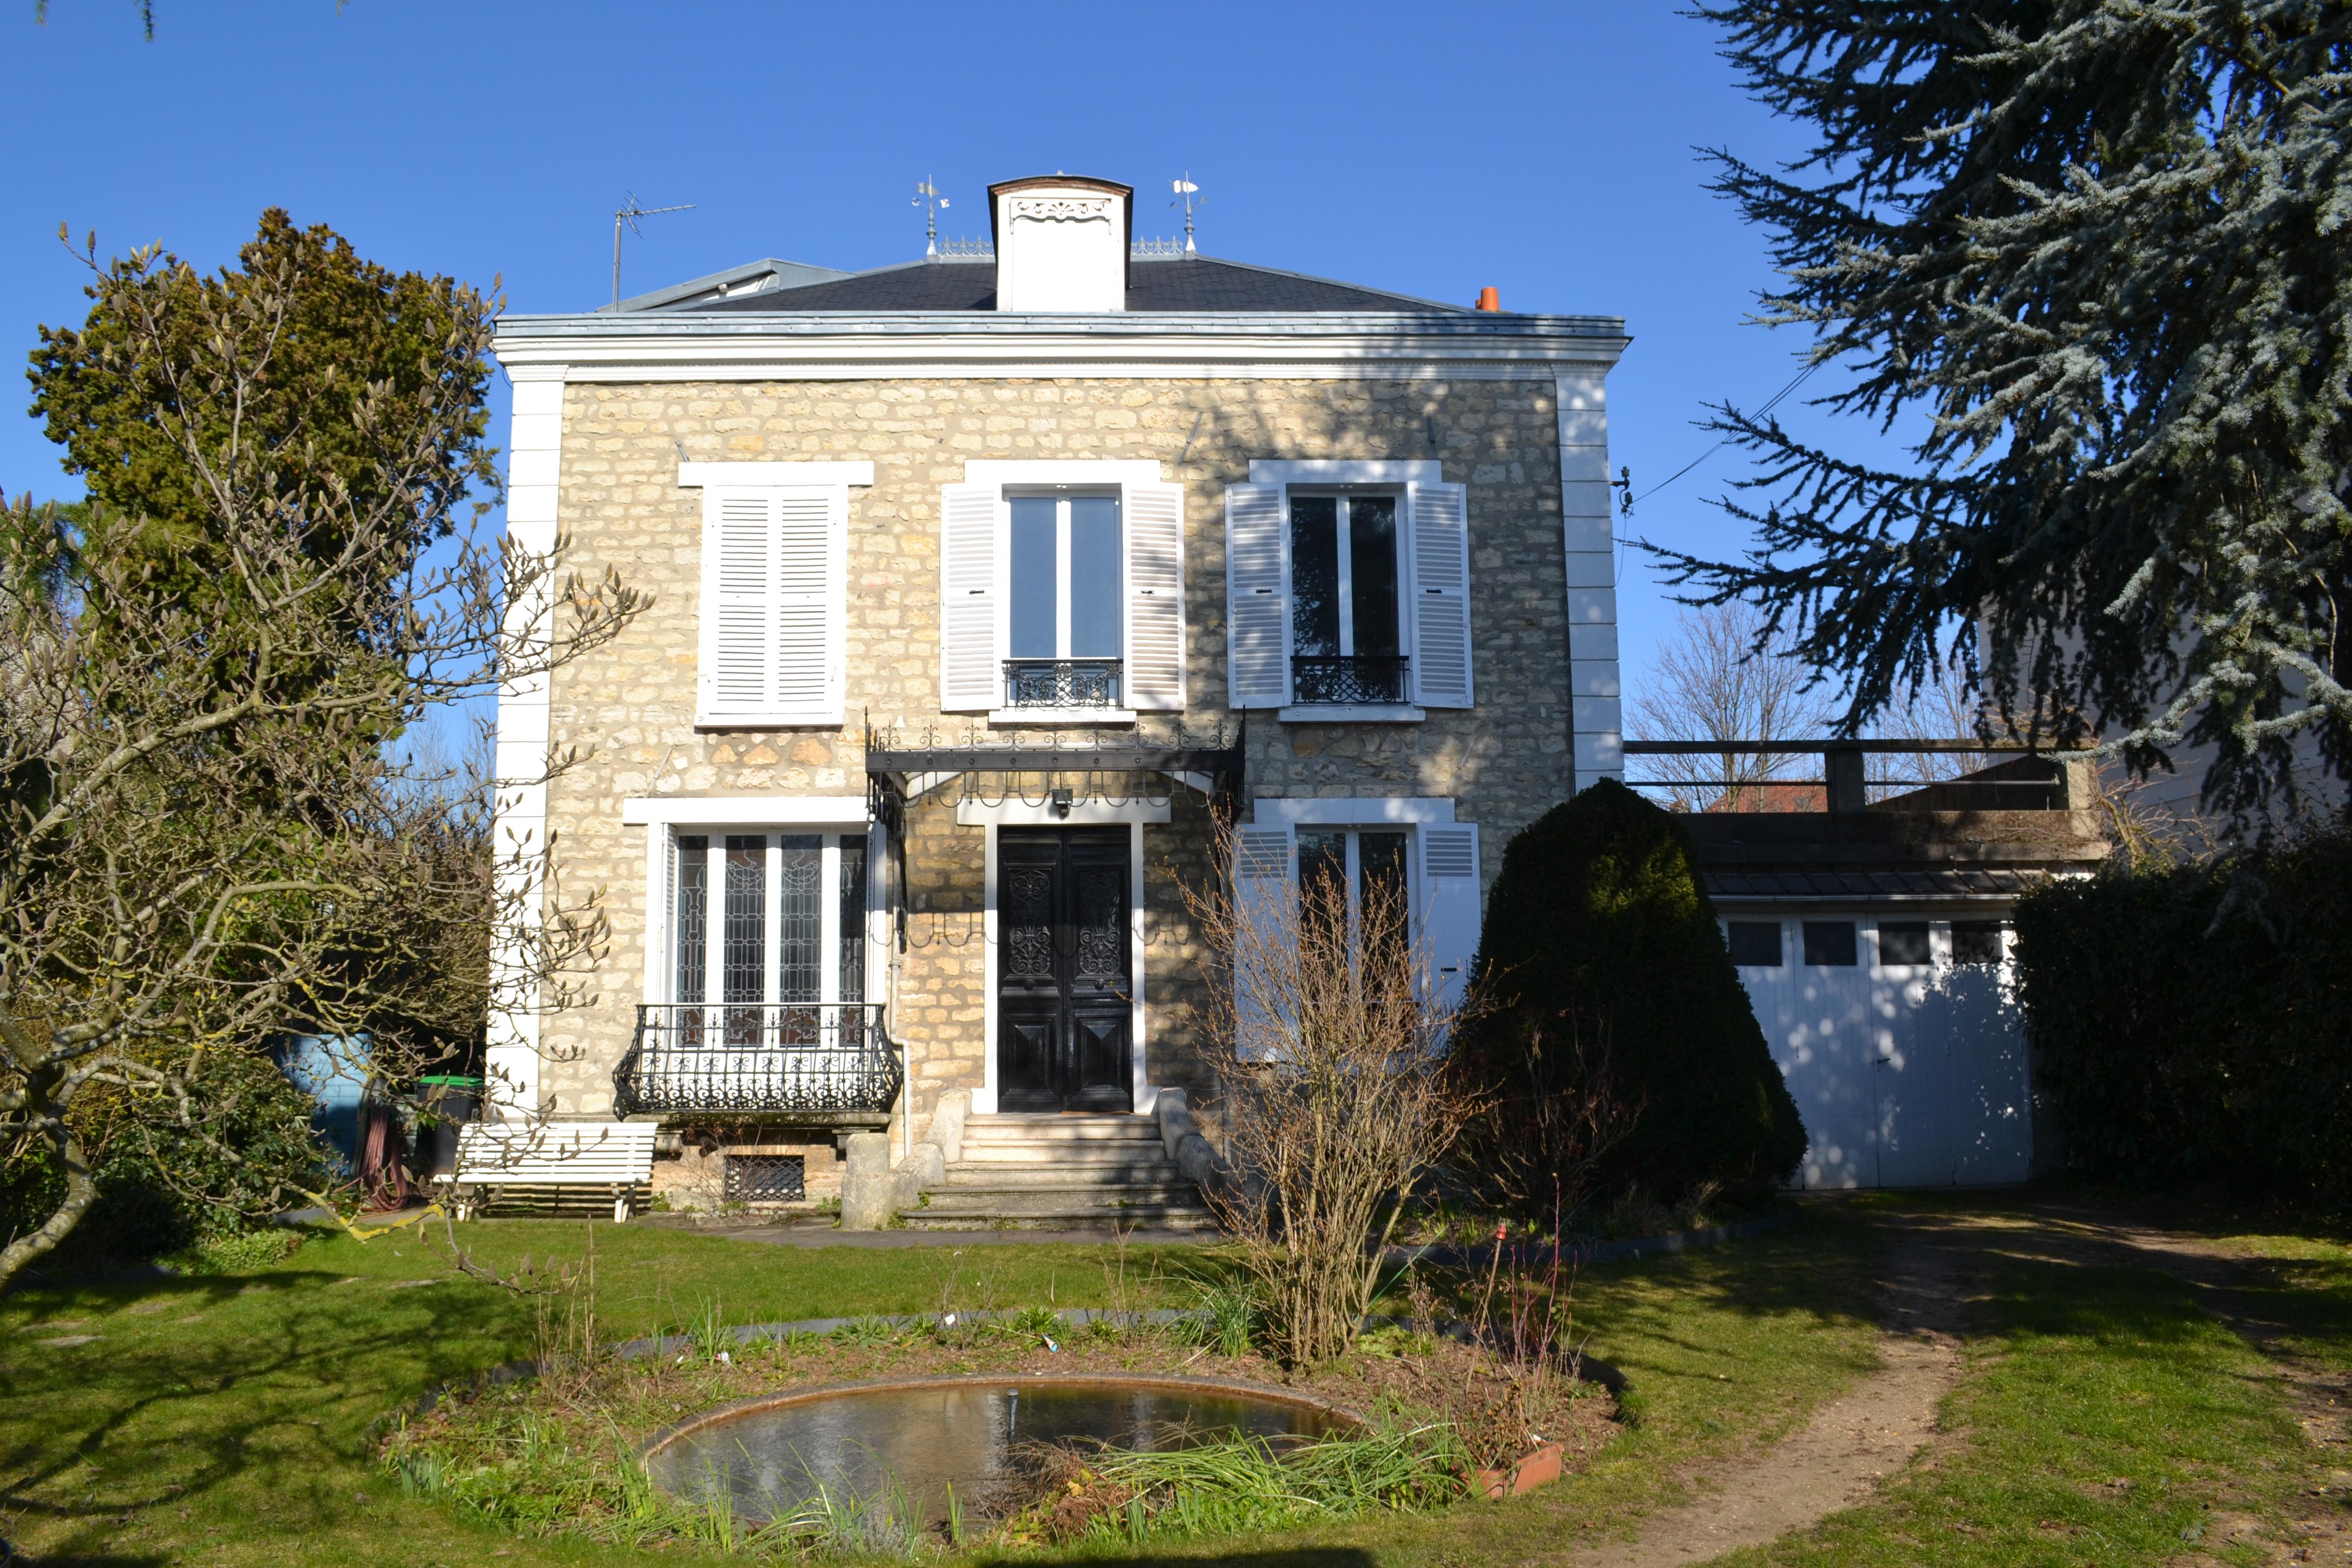 94 SAINT MAUR DES FOSSES  - Maison  de 1890 -  297 m2 avec 800 m2 de terrain clos arboré